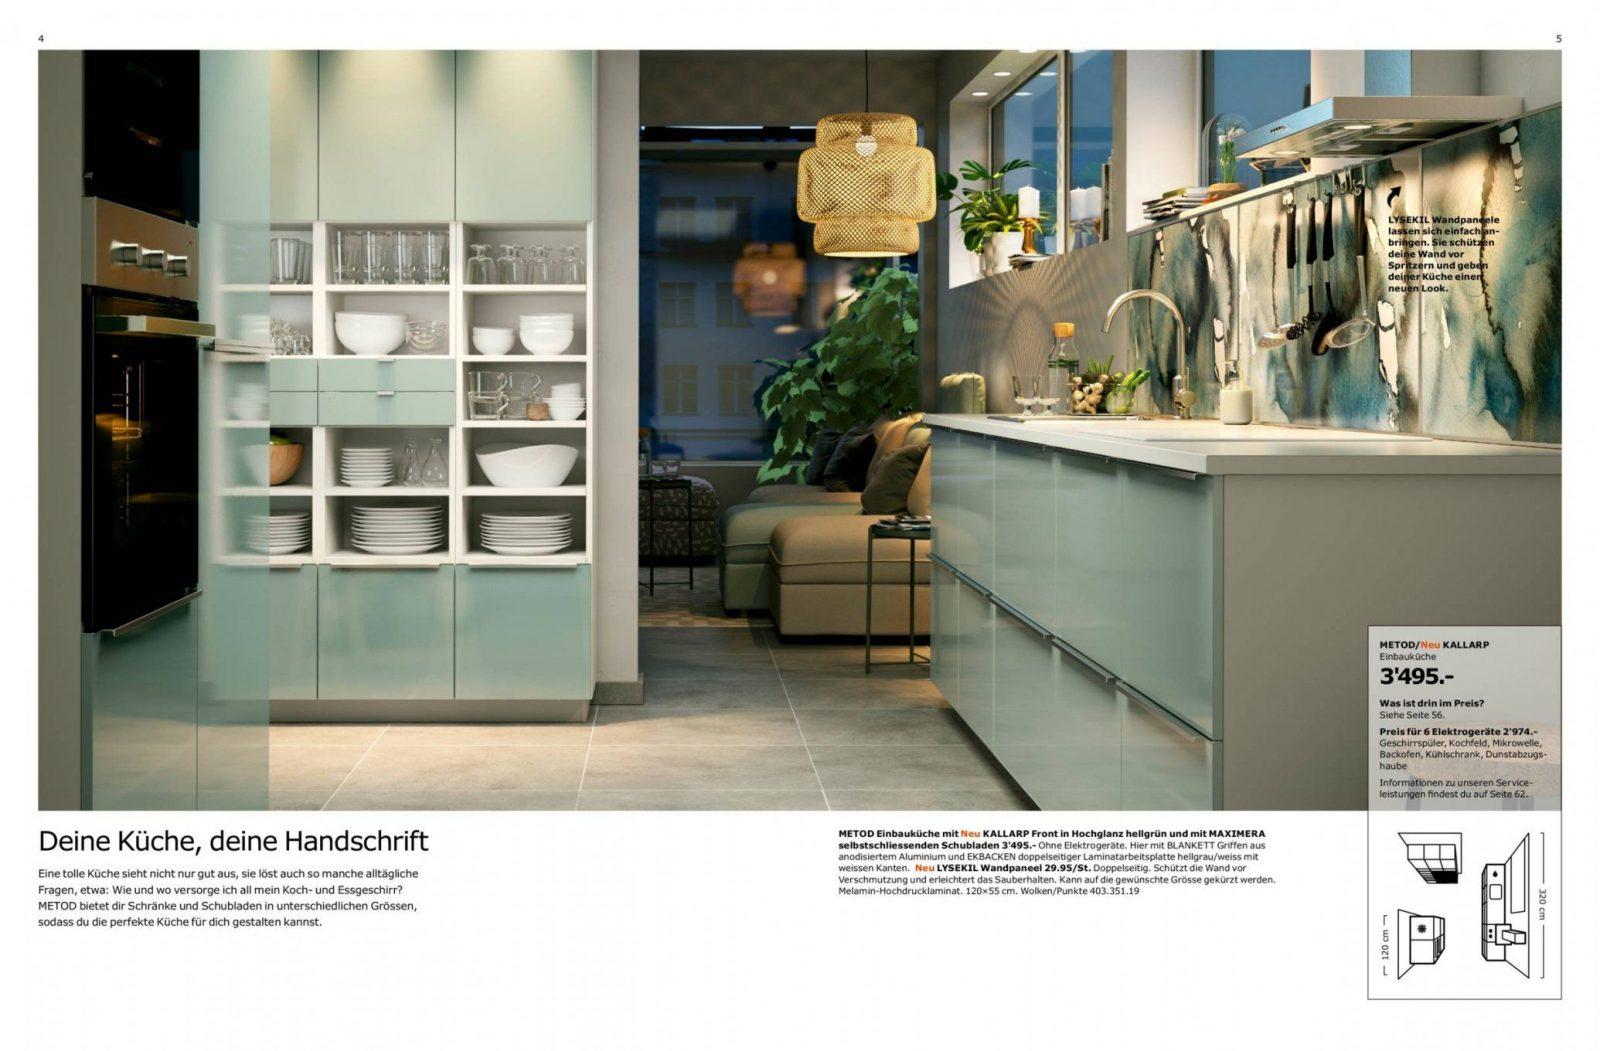 Ikea Faktum Metod Kombinieren Mbel Wohnaccessoires Vorstellungen. Kchen  Wandpaneele Europisch Kchen Landhausstil Skandinavisch